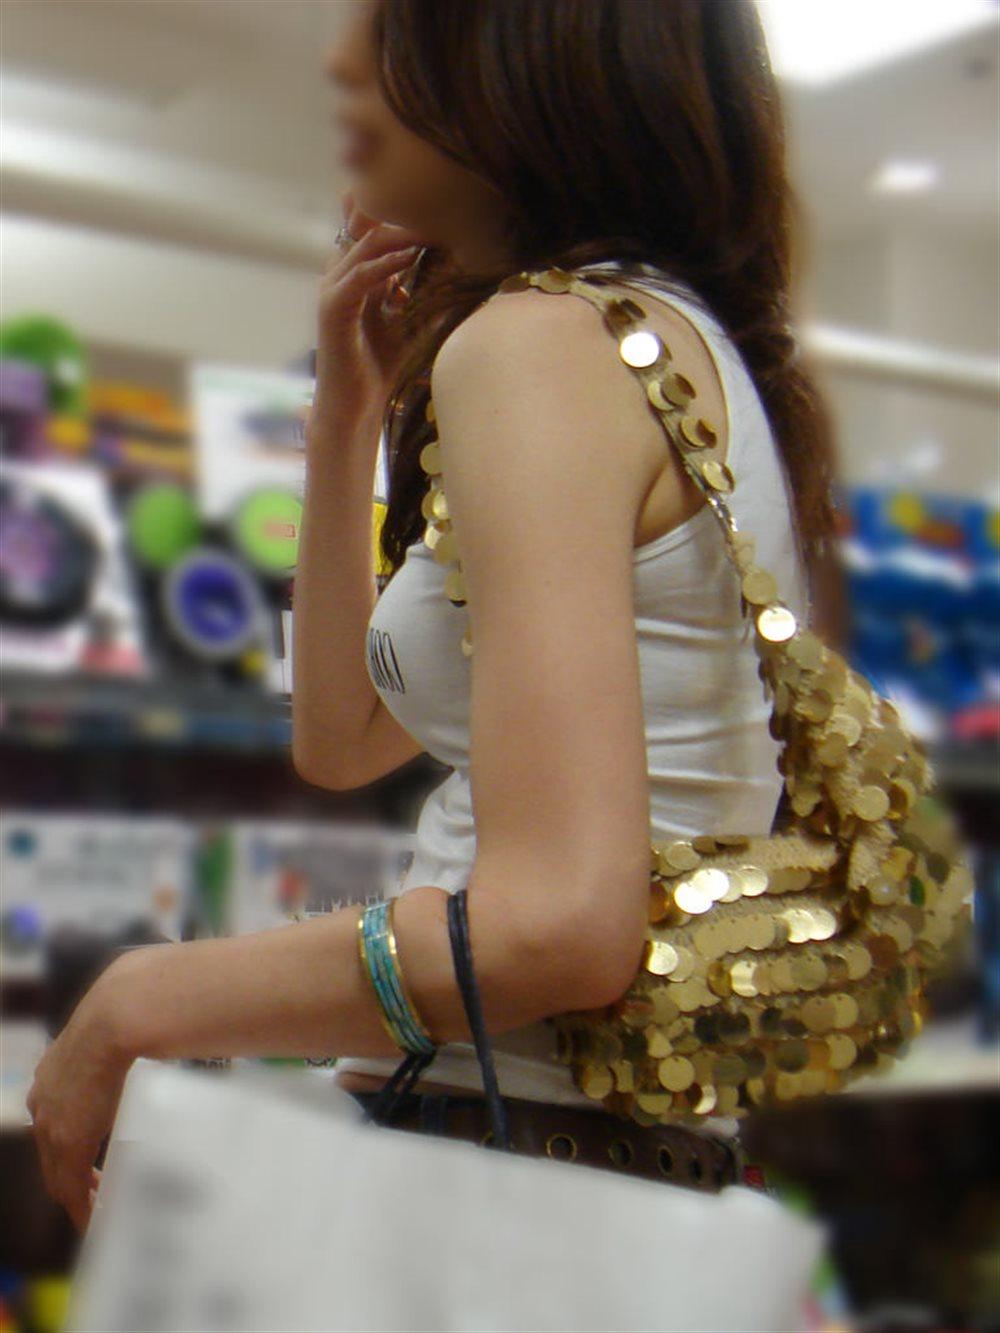 着衣巨乳が目立つ女性 (16)